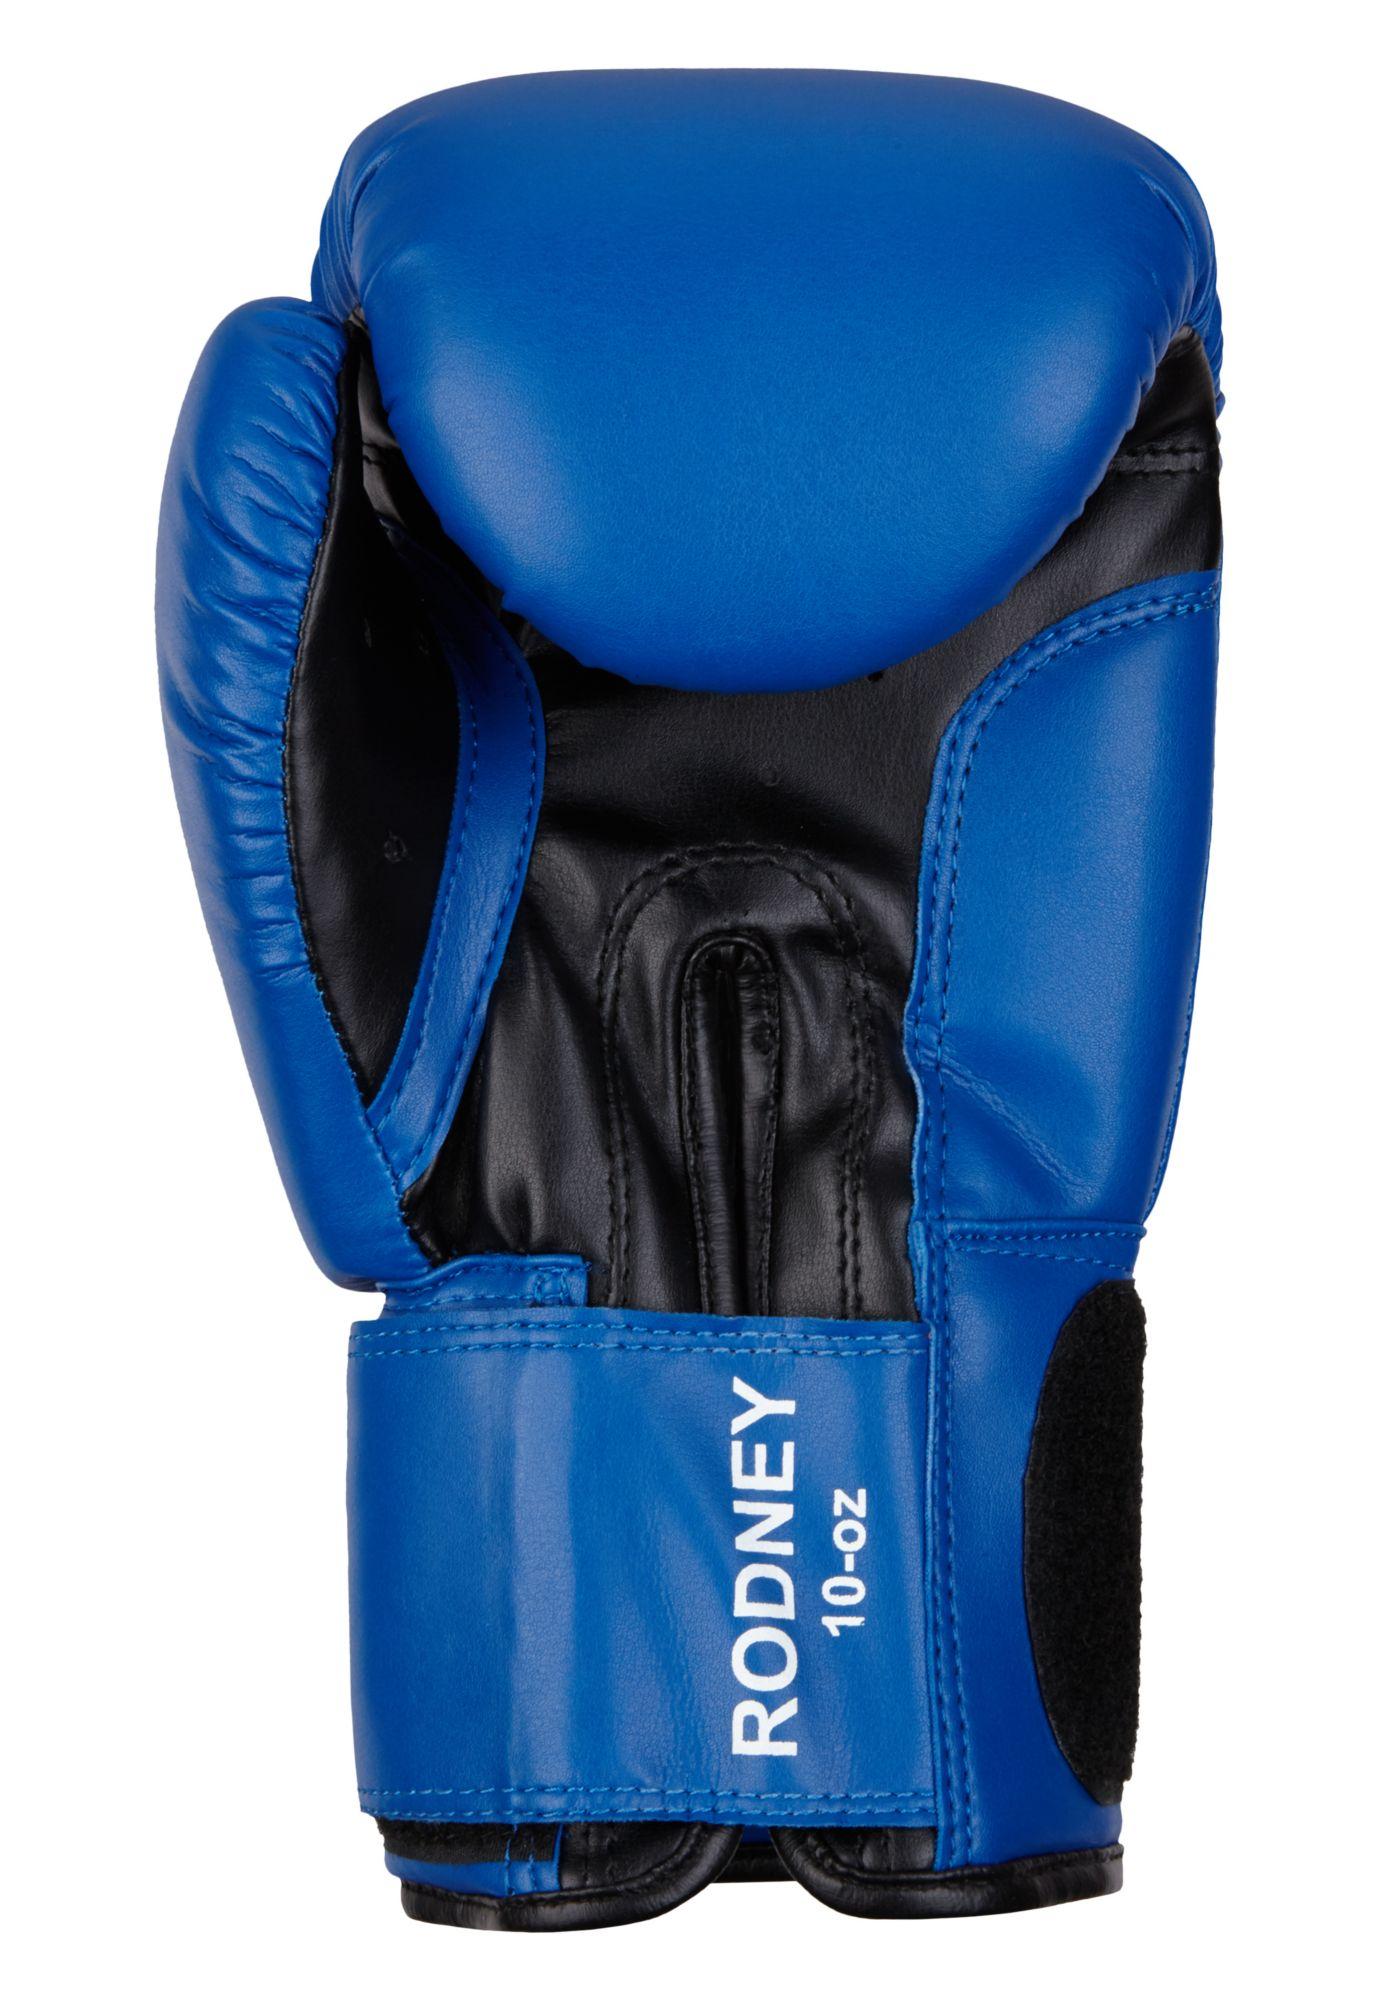 BENLEE ROCKY MARCIANO Benlee Rocky Marciano Boxhandschuh »RODNEY«